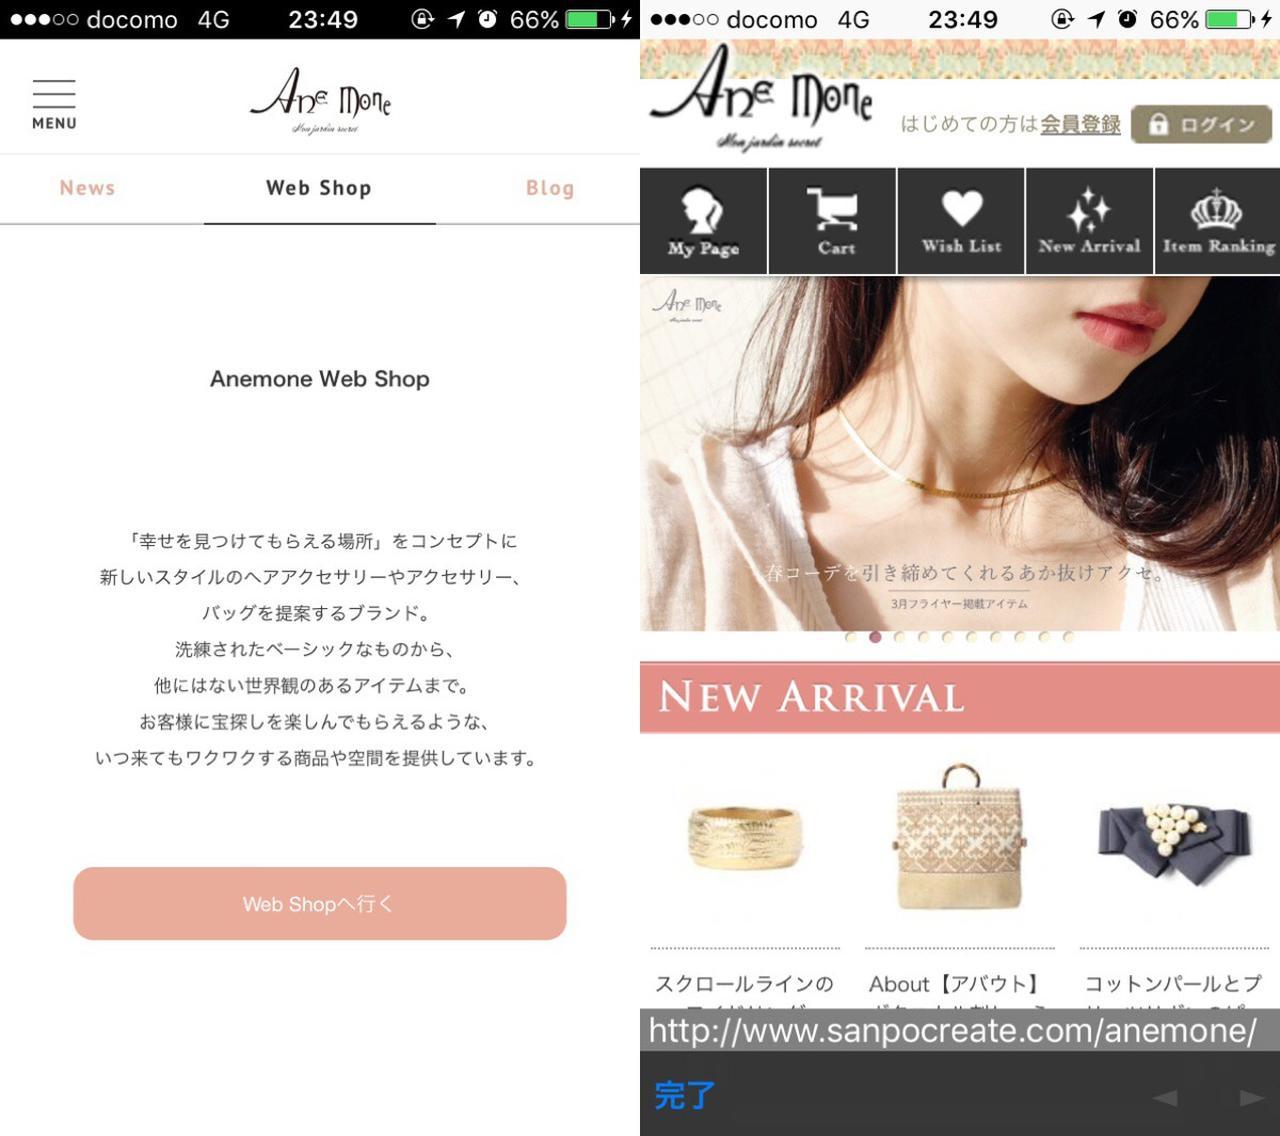 画像1: 気になった商品はアプリから購入可能。お店でもポイントが貯まる!